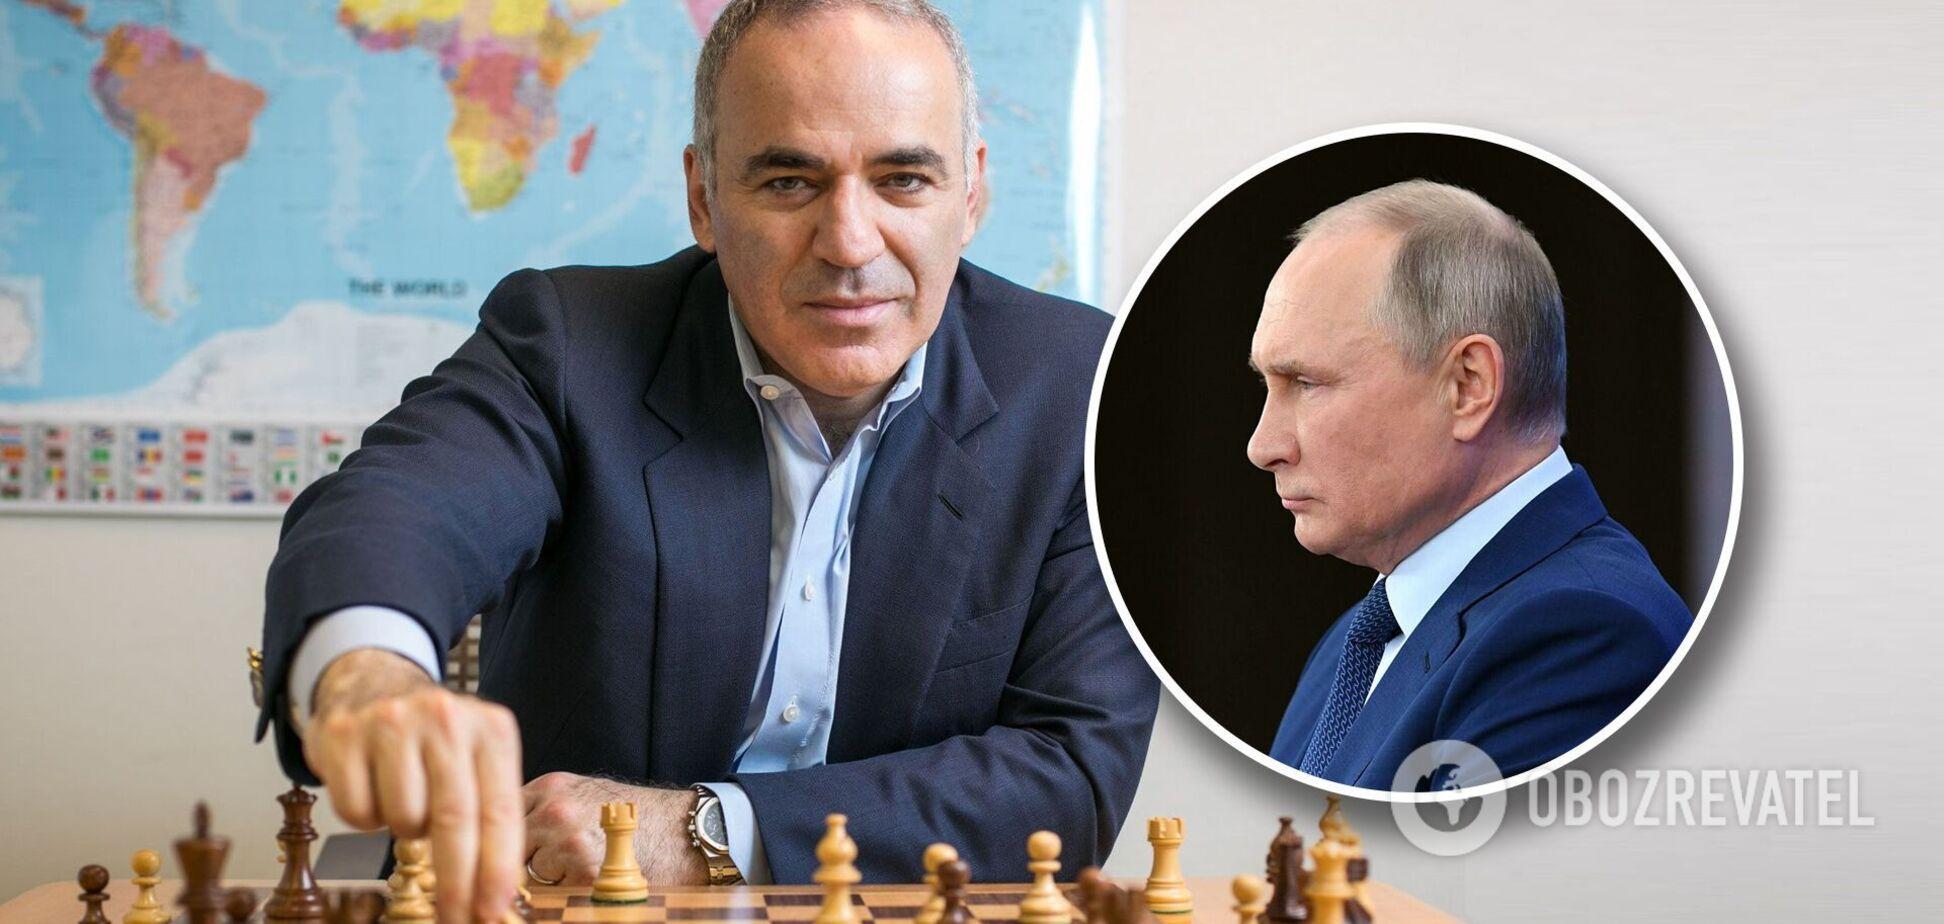 Каспаров рассказал, что думает о правлении Путина